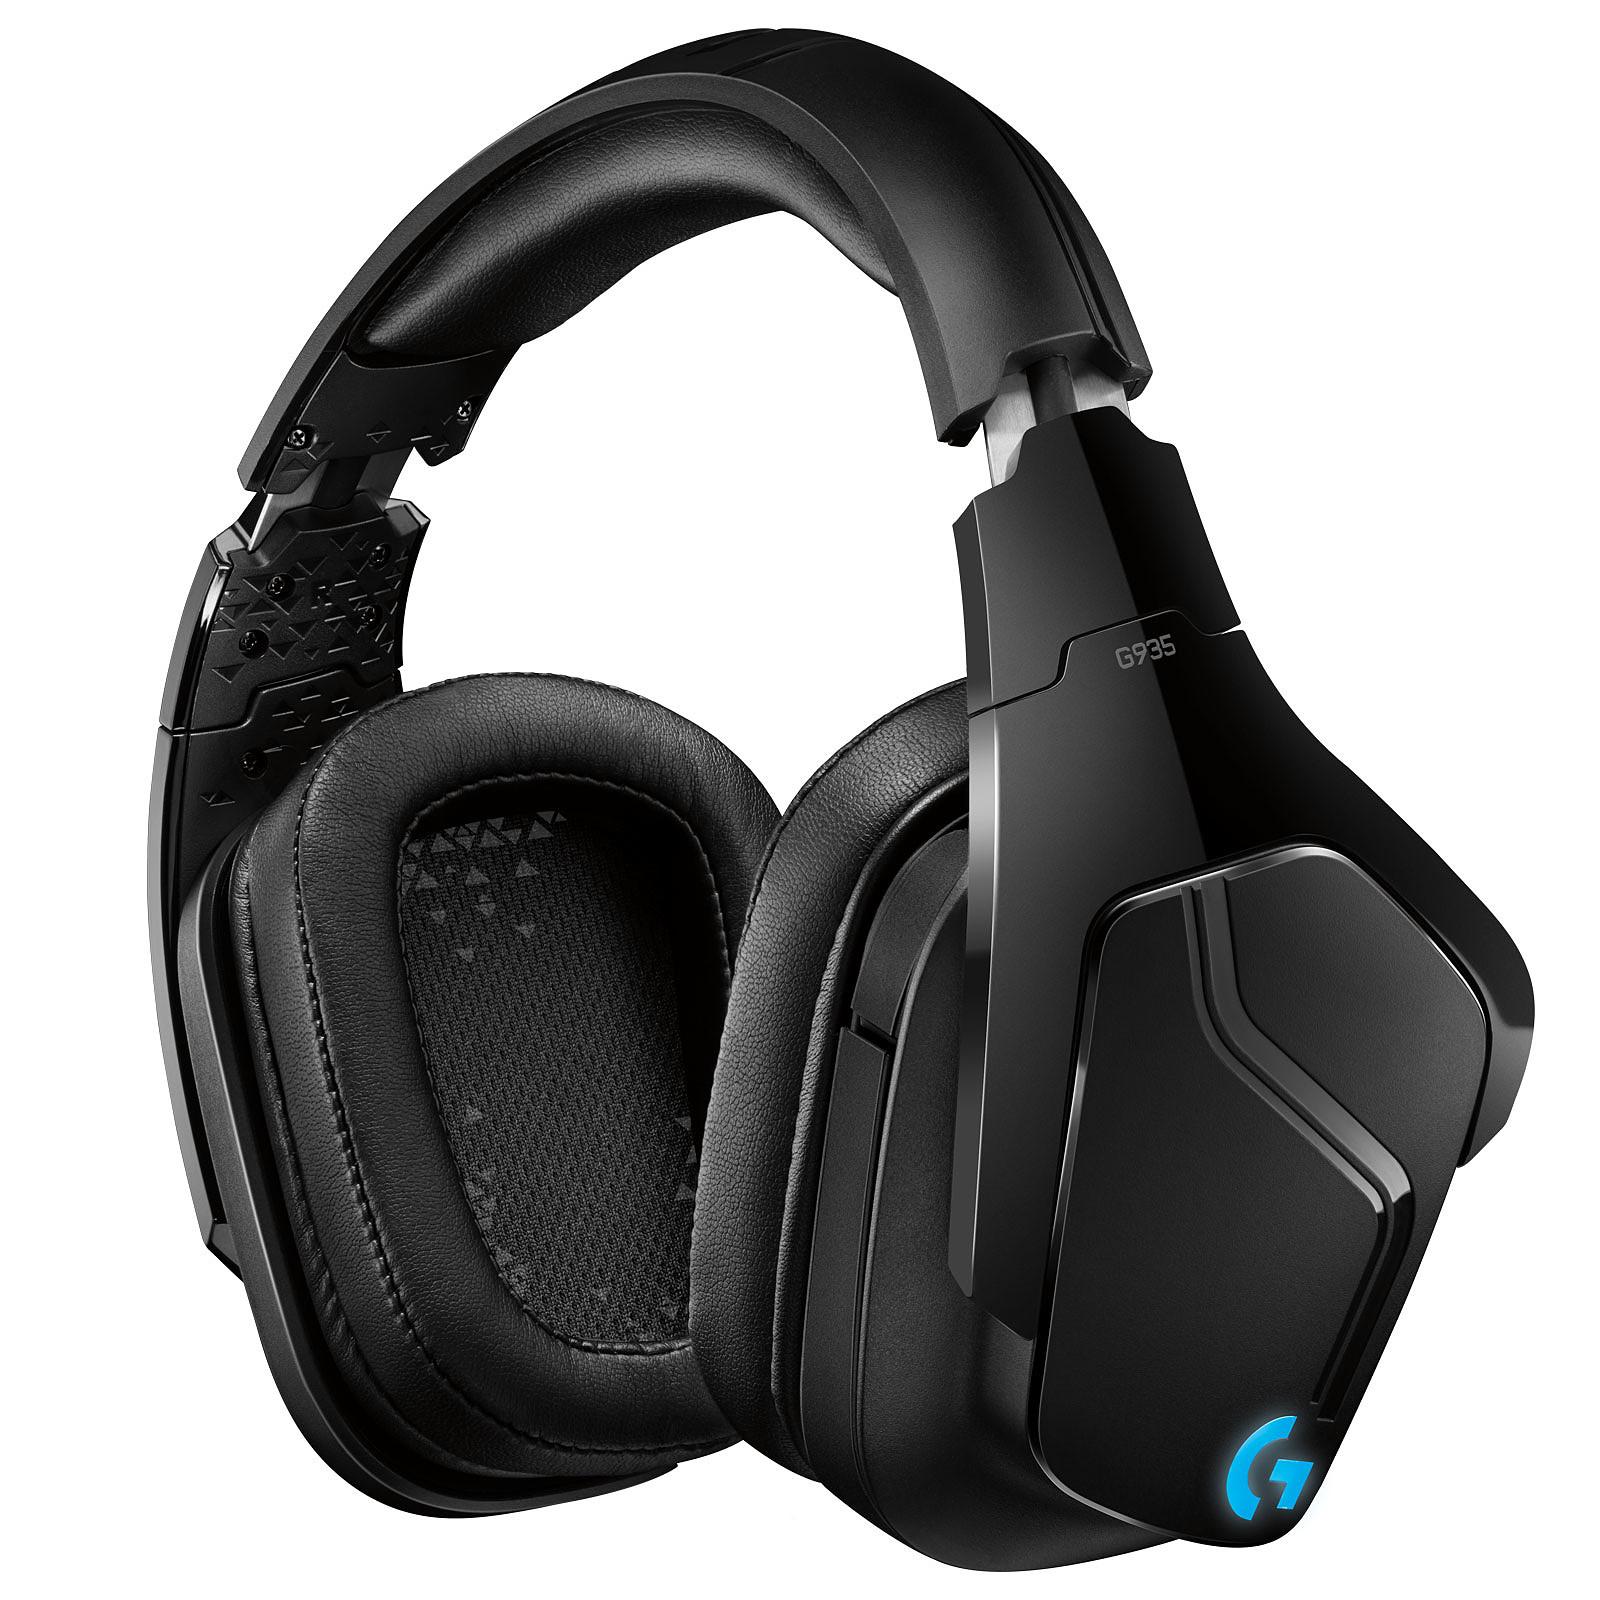 Logitech G935 Wireless